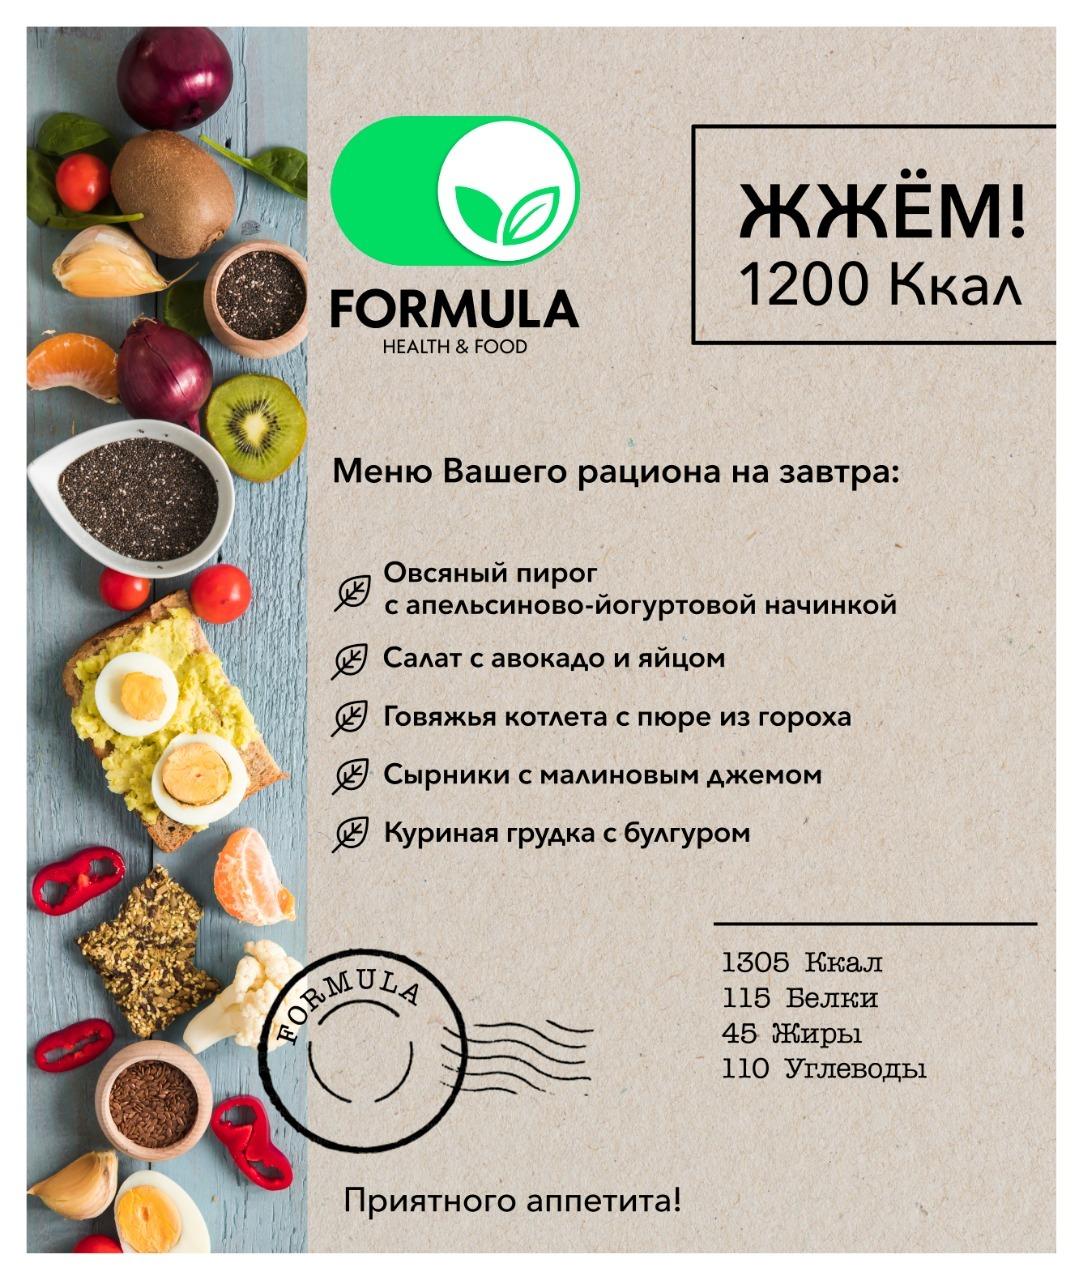 Диеты 1200 Калорий. Недельный рацион диеты на 1200 калорий в день